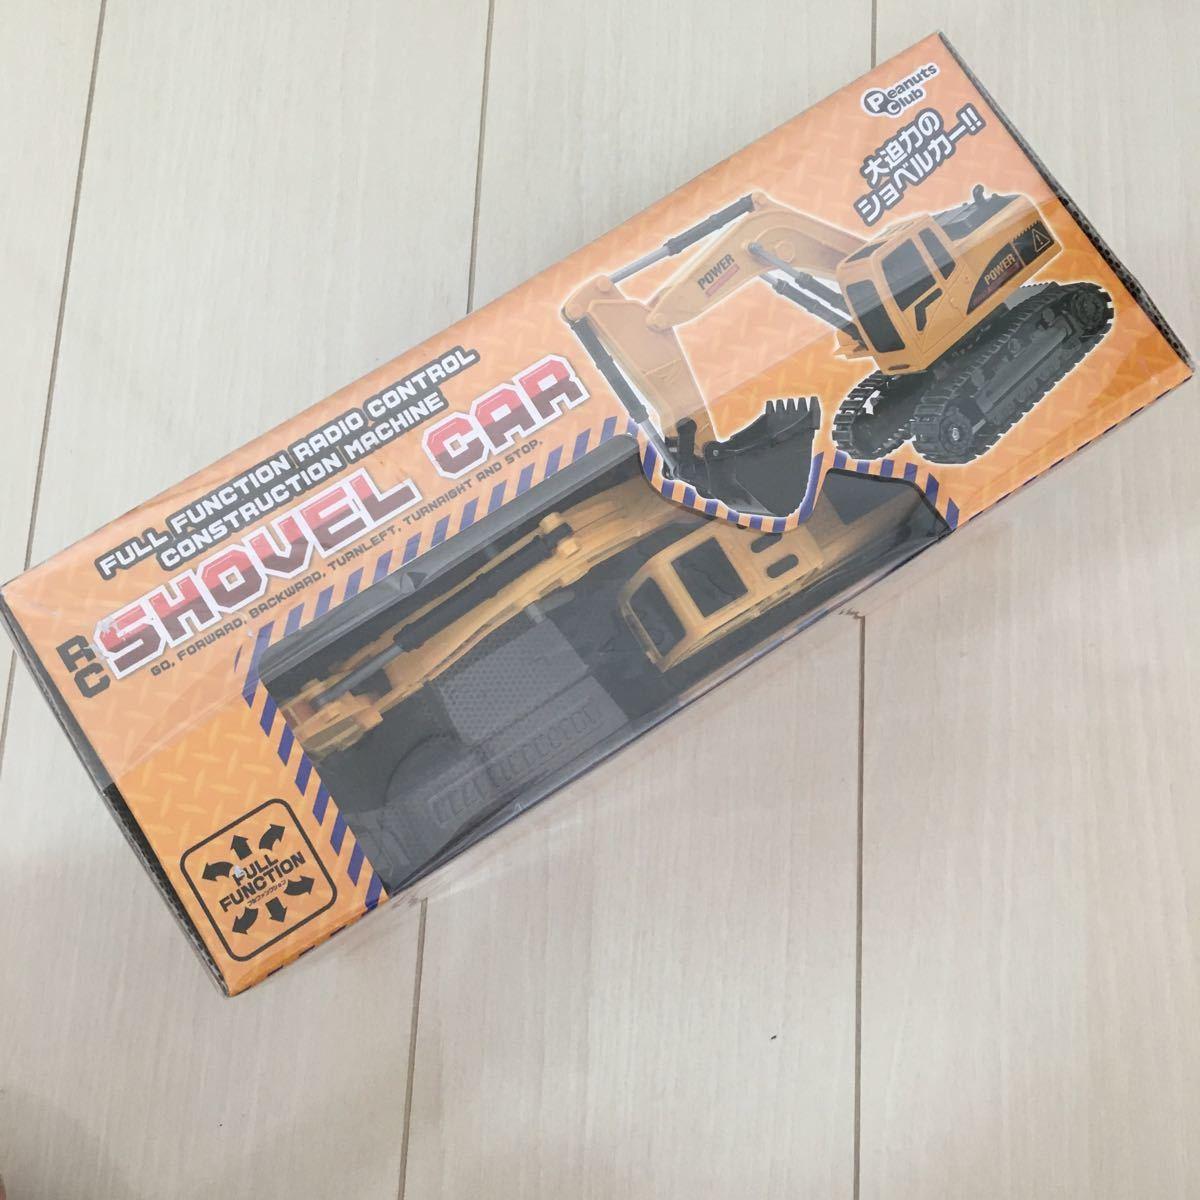 ラジコン 建設 ショベルカー RC 働く車 自動車 おもちゃ 子供 男の子 ラジコンカー かっこいい 工事車両 誕生日